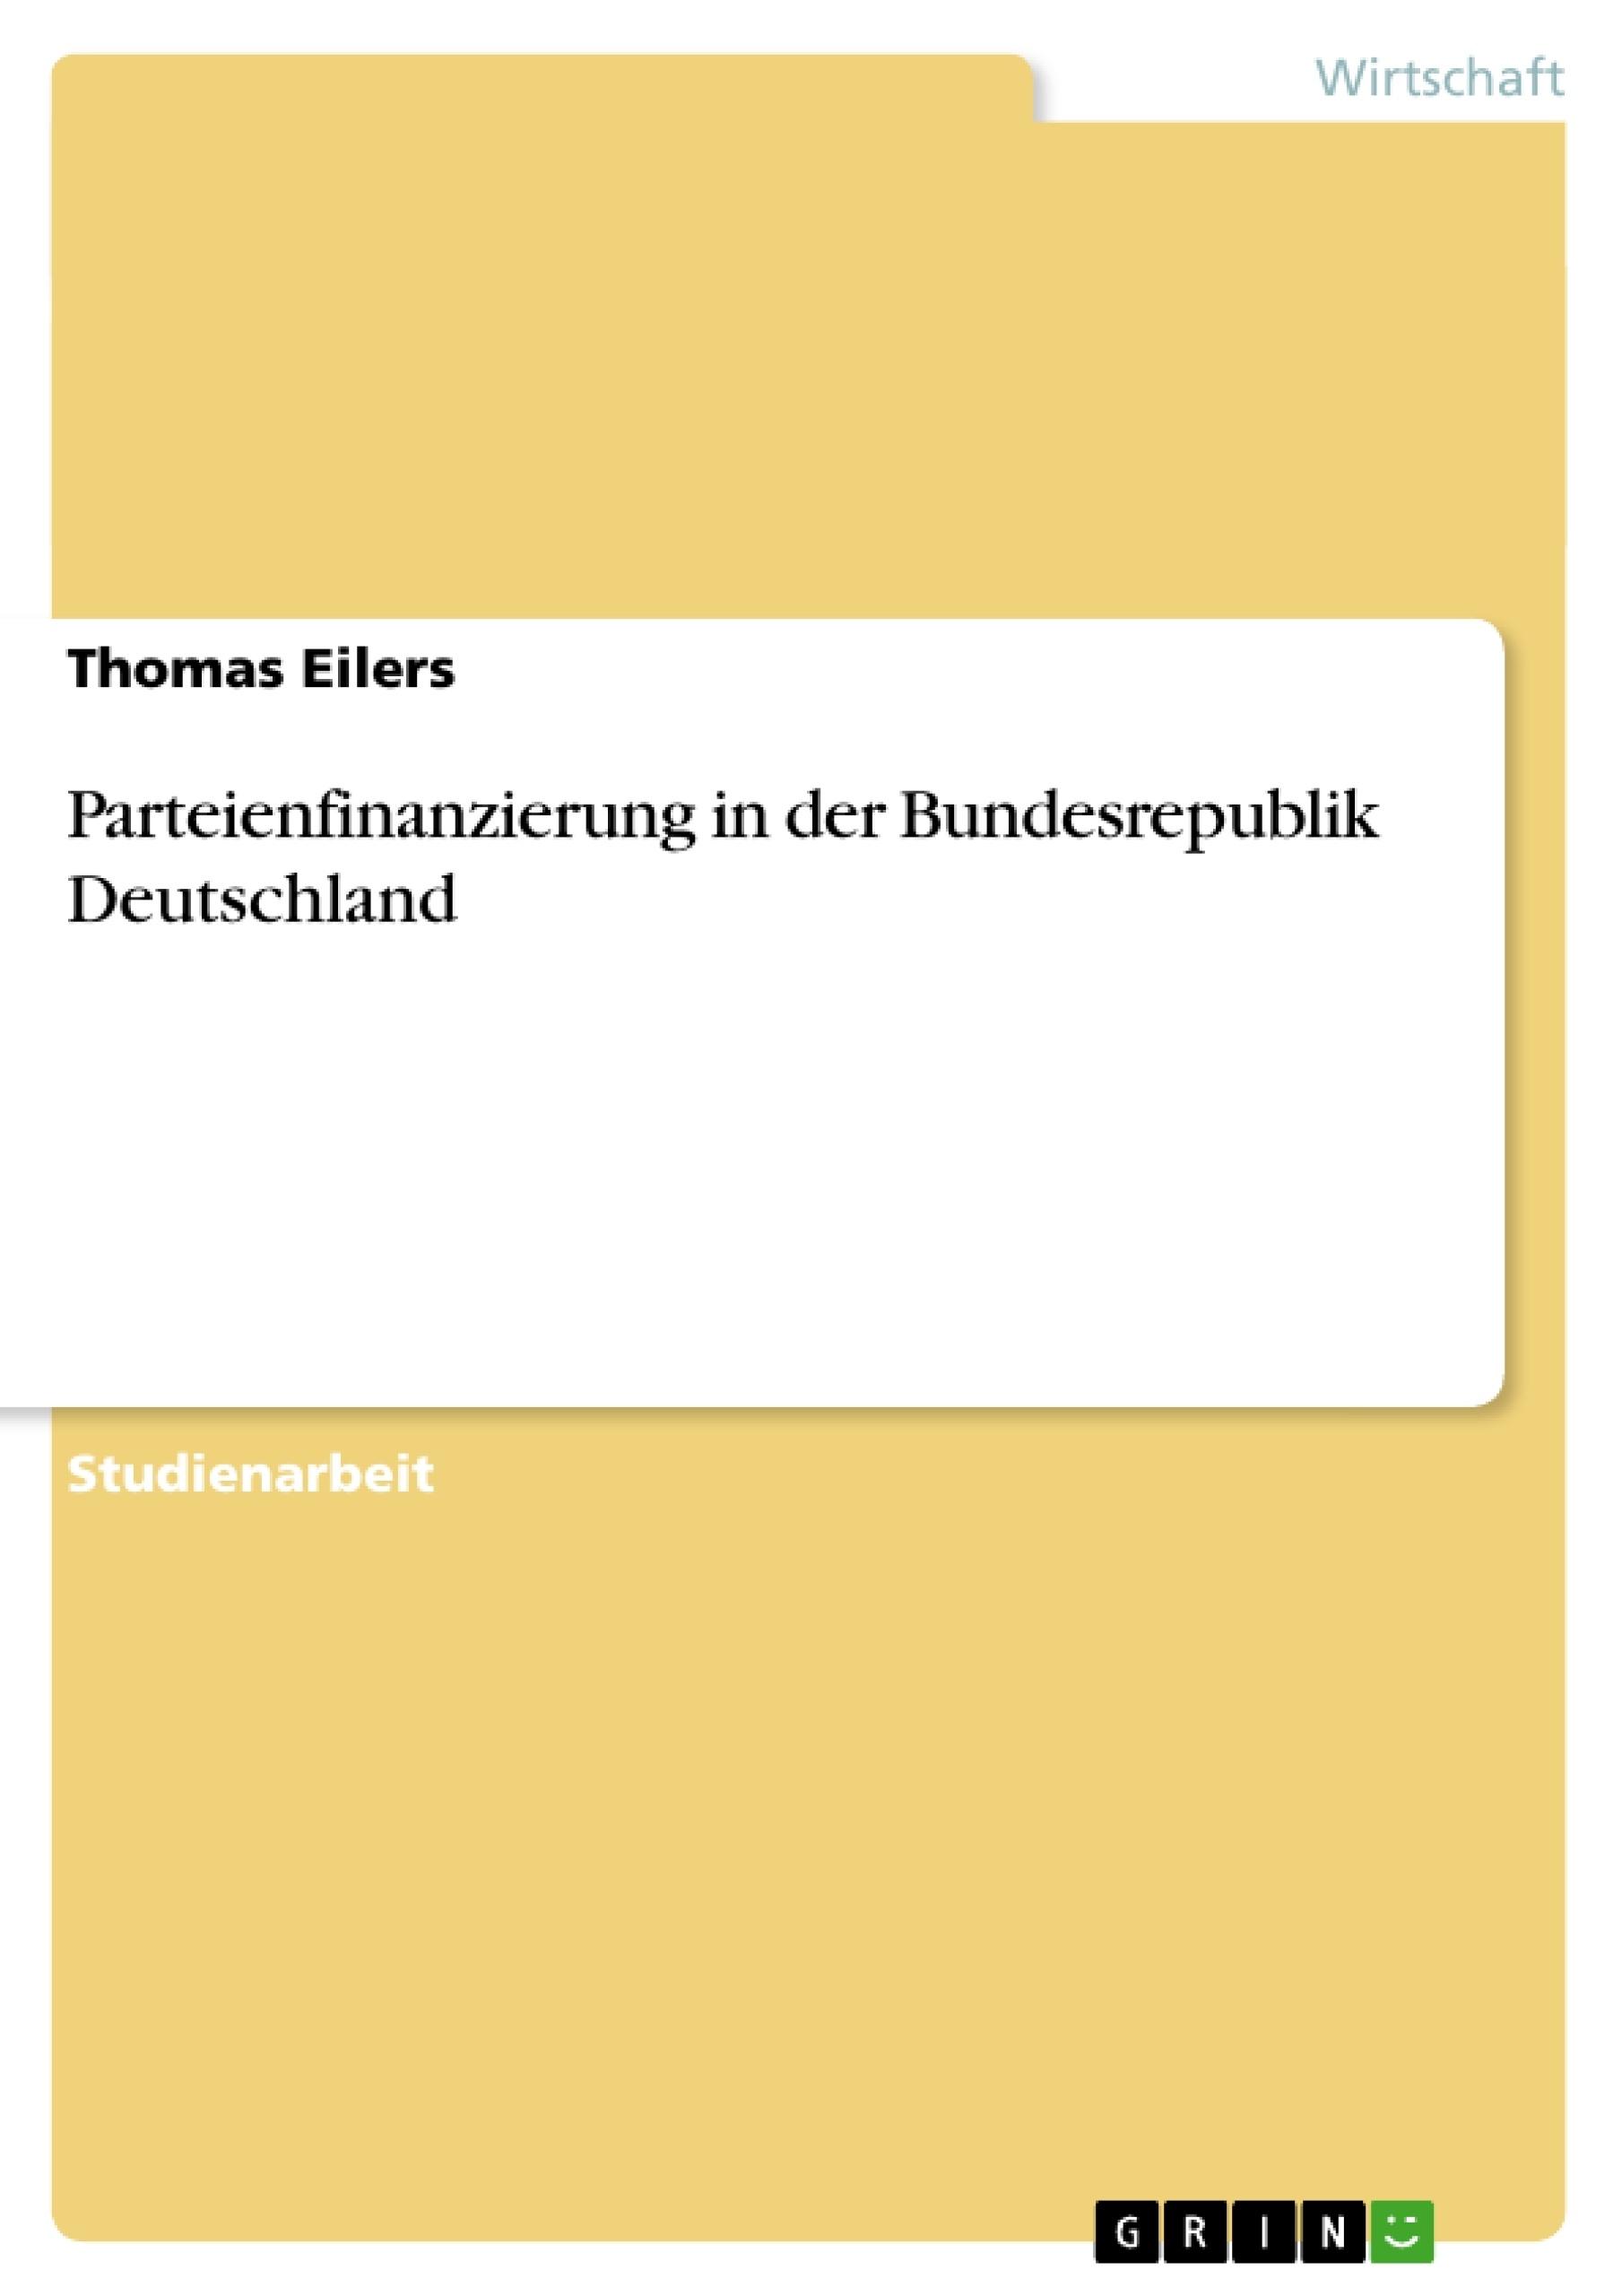 Titel: Parteienfinanzierung in der Bundesrepublik Deutschland